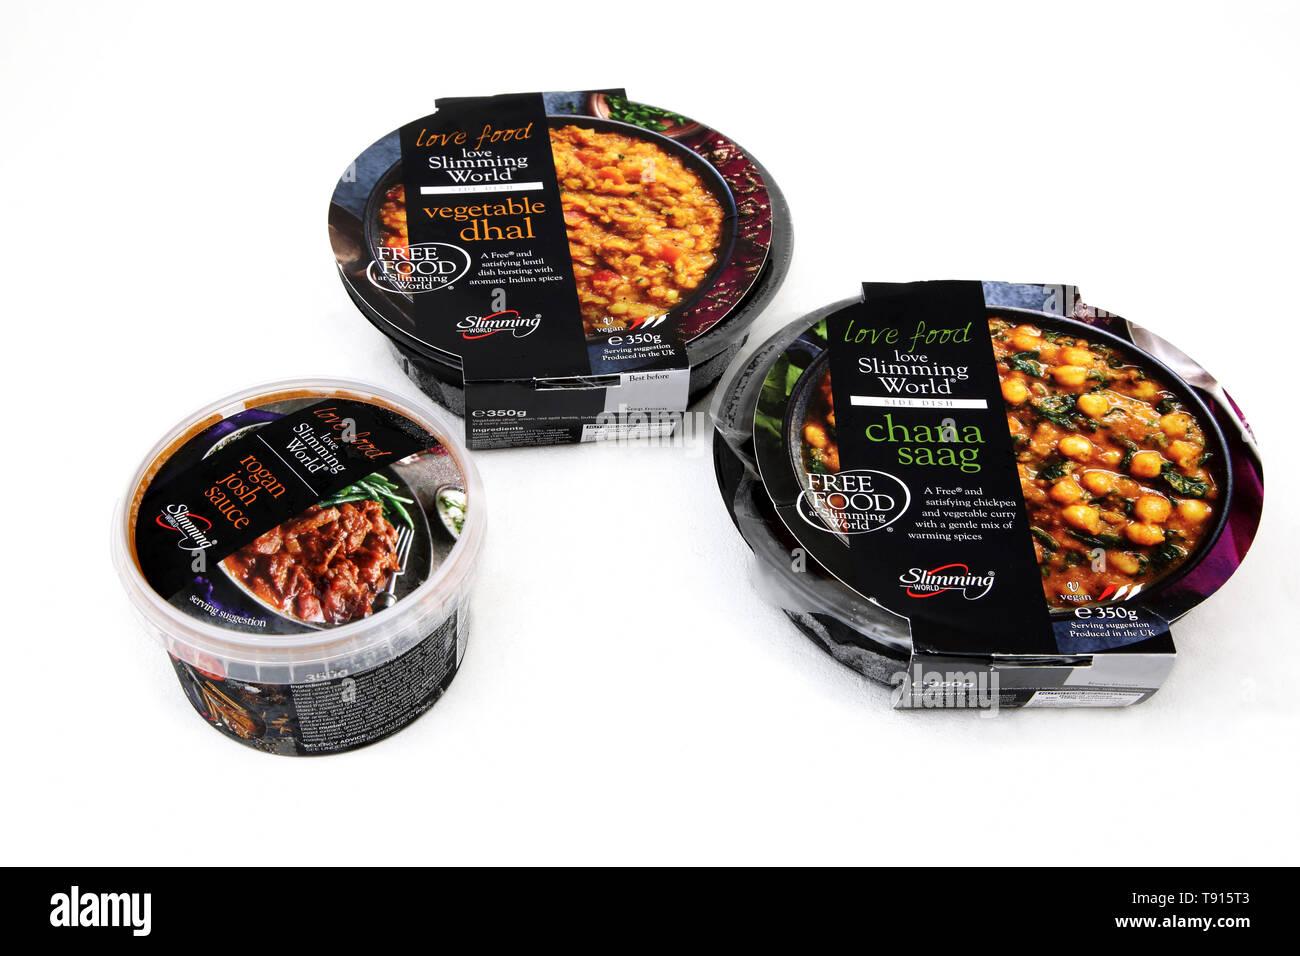 Slimming World Vegan Curry - Vegetable Dhal, Chana Saag and Rogan Josh Sauce - Stock Image